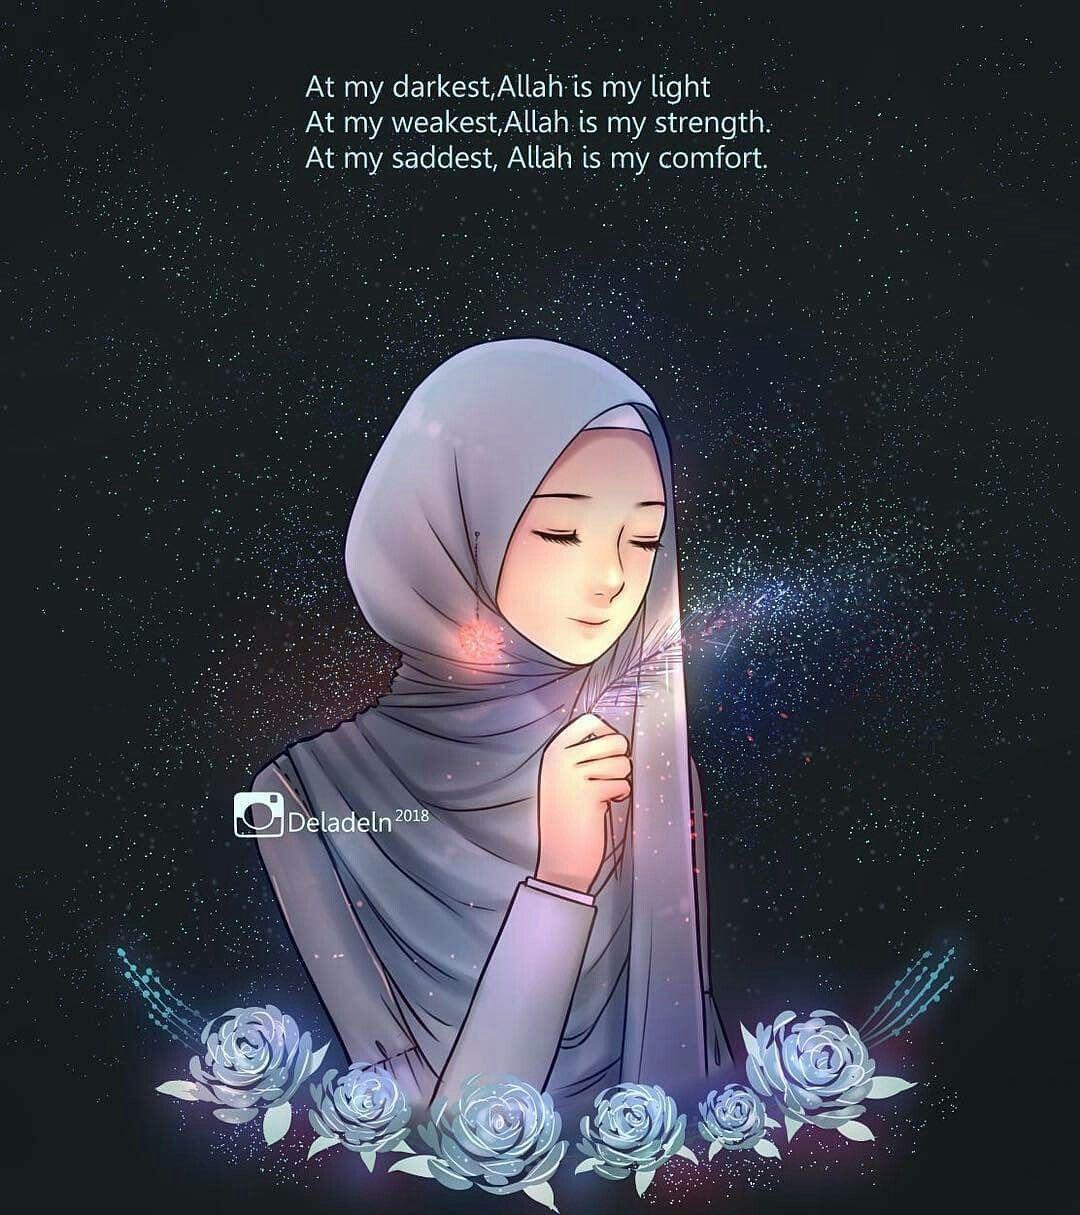 Pin oleh Qummyalishba di Muslimah Kartun, Seni islamis